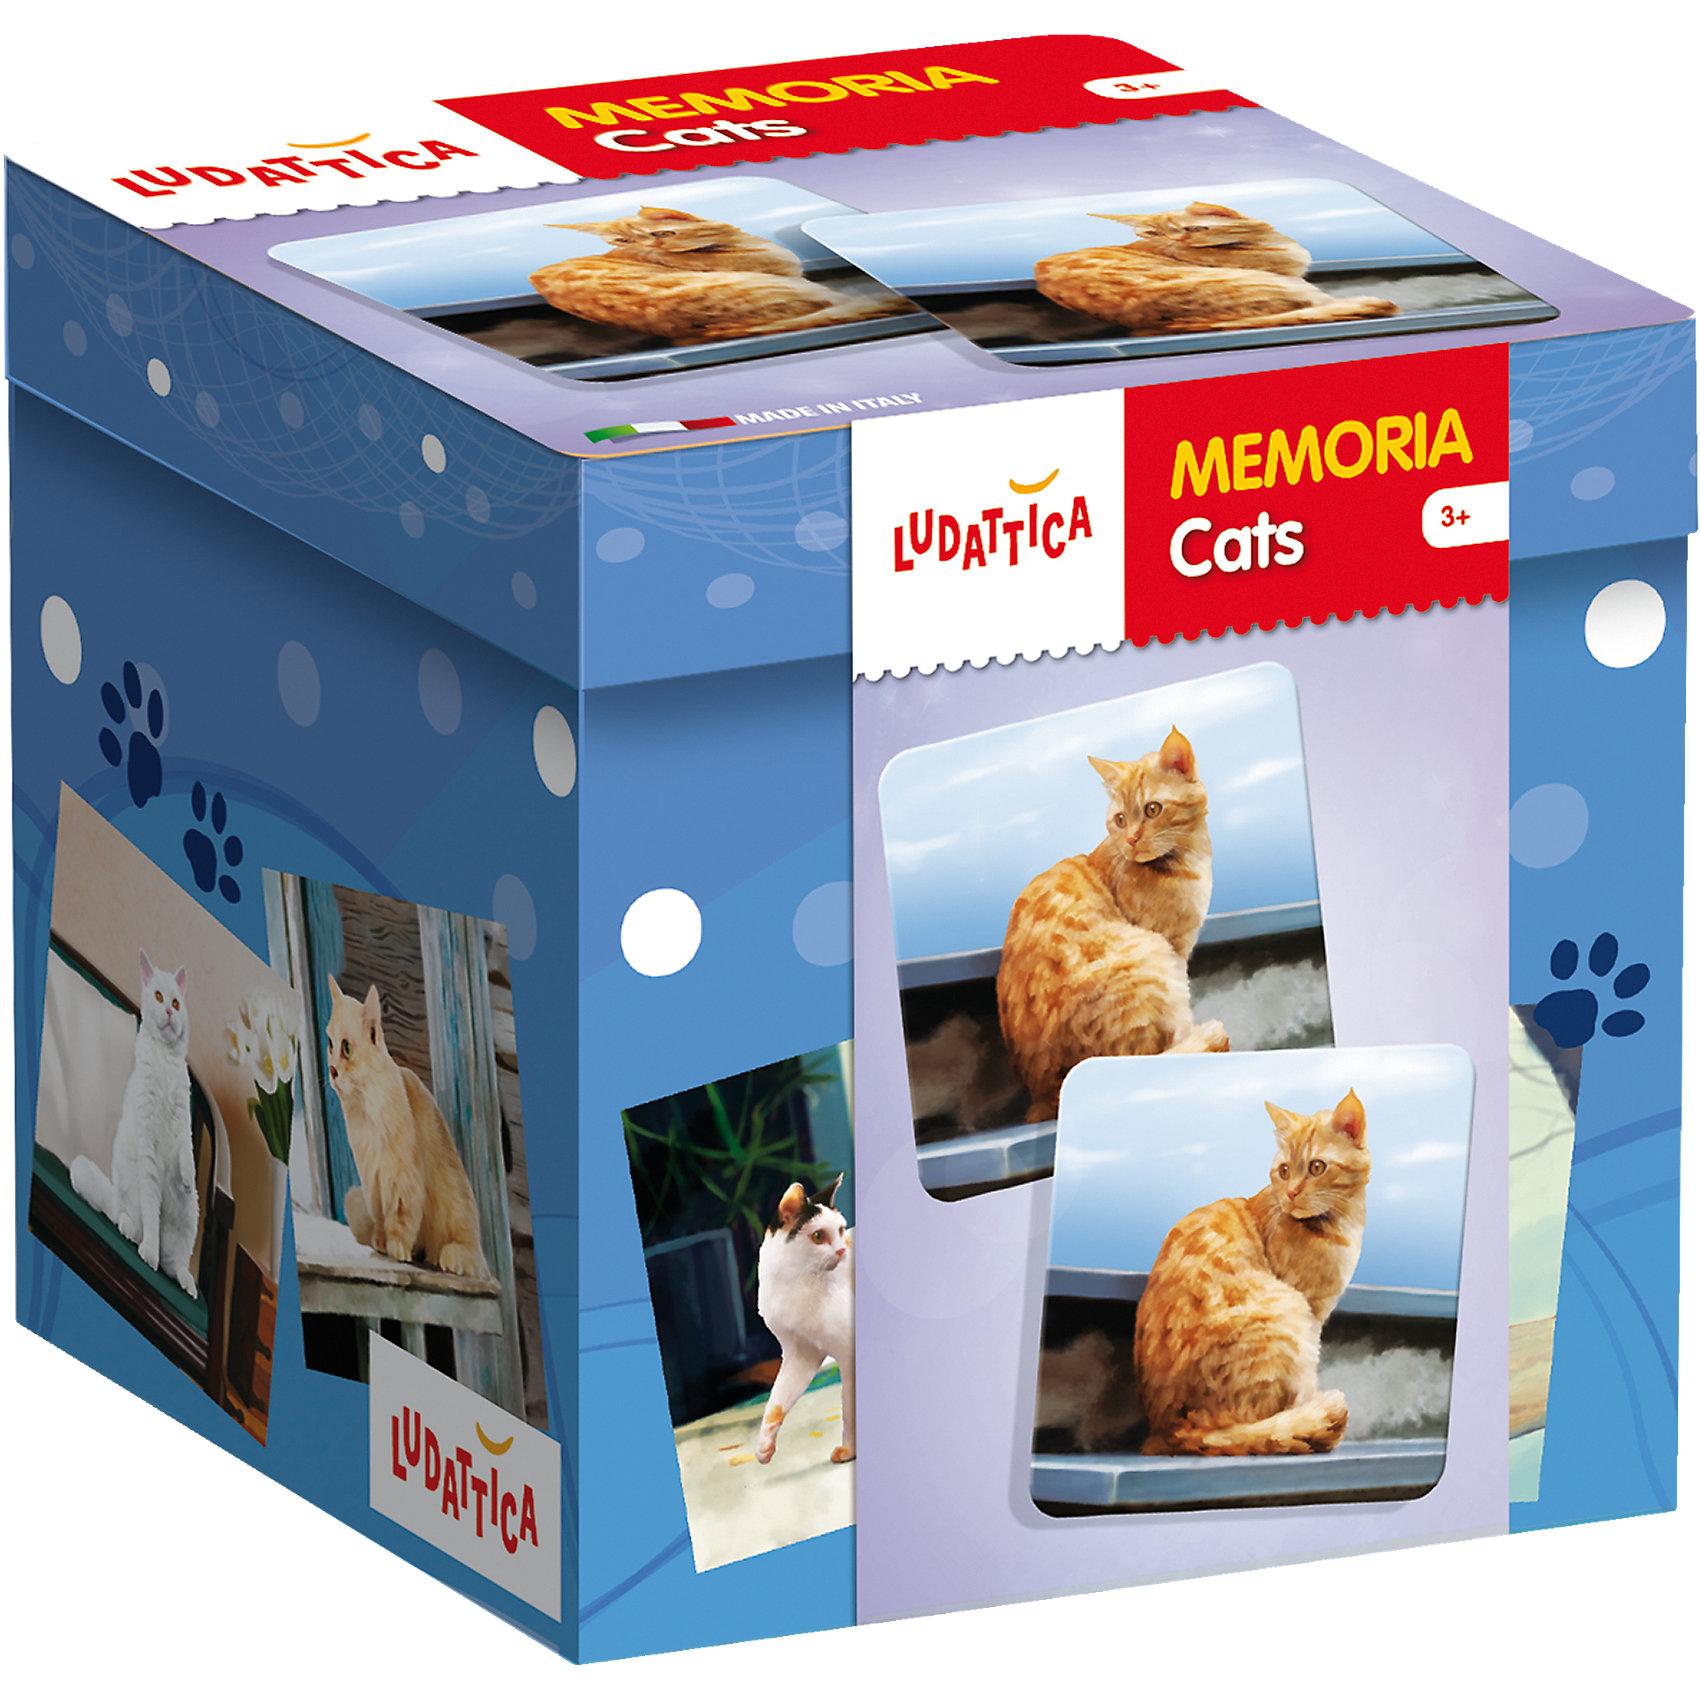 LUDATTICA Игра-мемори «КОШКИ»Игры мемо<br>Игра на развитие памяти. Комплект содержит 40 прекрасно иллюстрированных крупных карточек с изображениями различных пород кошек. Собирая пары одинаковых картинок, нужно набрать их как можно больше.<br><br>Ширина мм: 125<br>Глубина мм: 131<br>Высота мм: 129<br>Вес г: 606<br>Возраст от месяцев: 36<br>Возраст до месяцев: 72<br>Пол: Унисекс<br>Возраст: Детский<br>SKU: 6836756